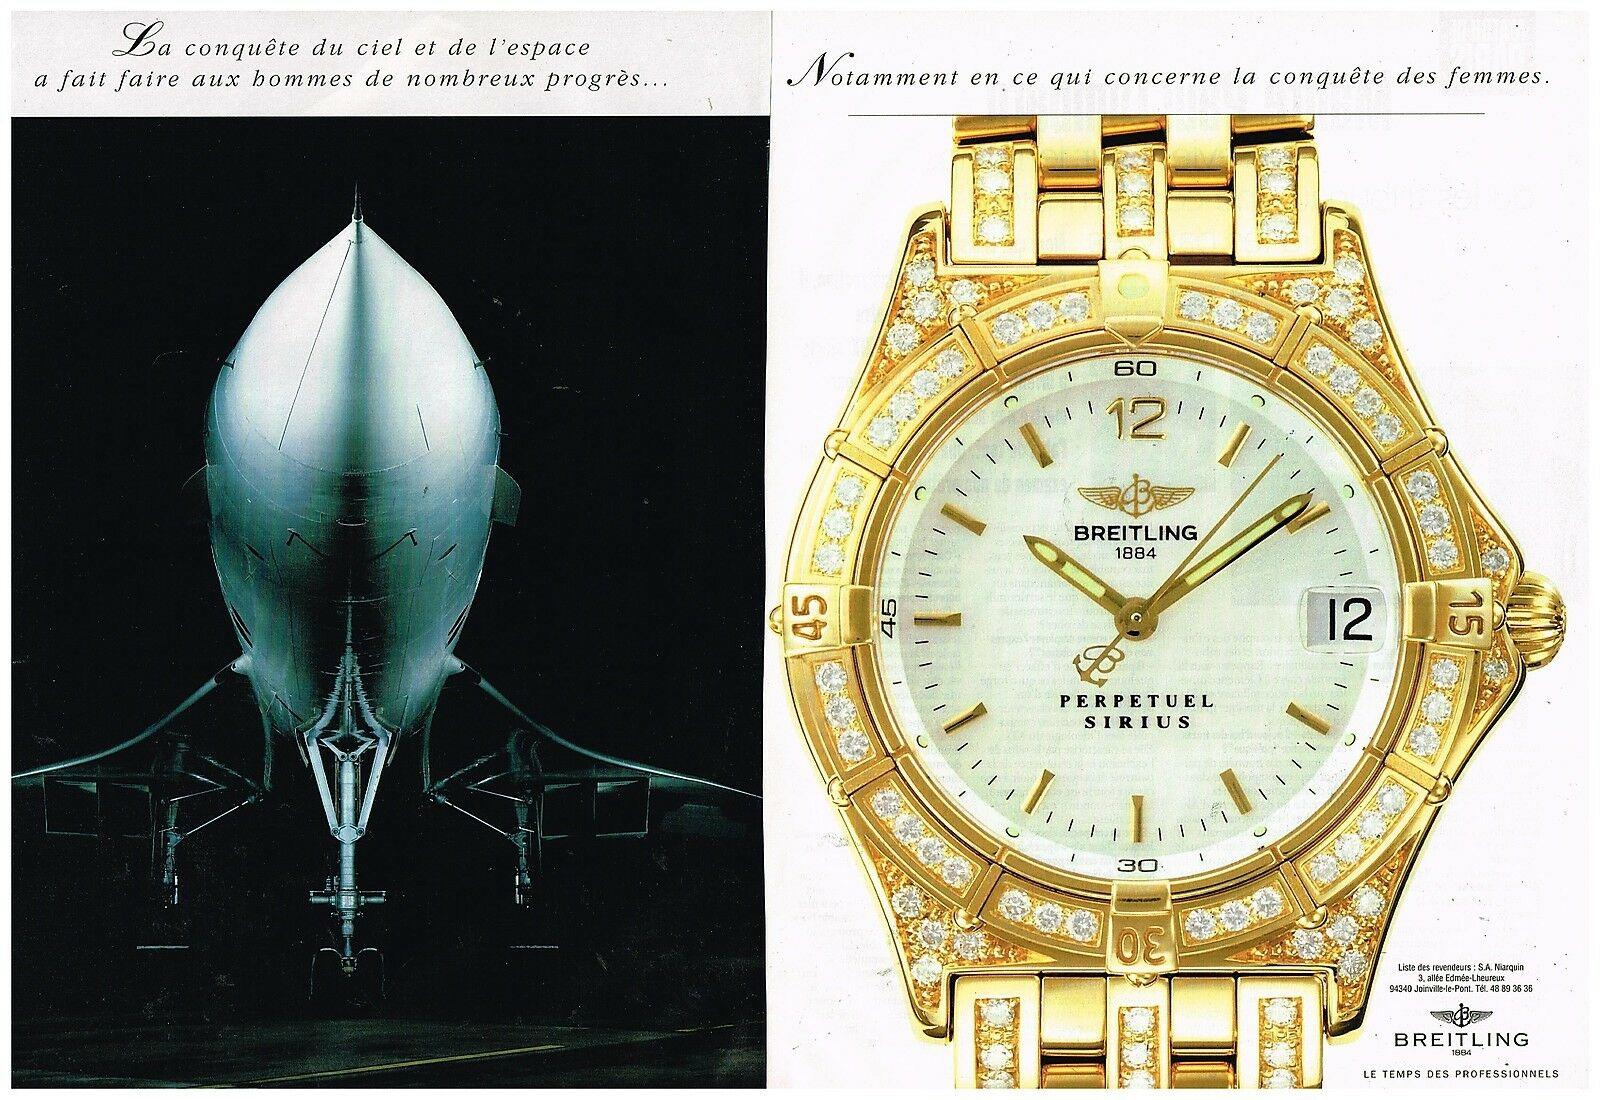 1995 Montre Breitling Perpetuel Sirius